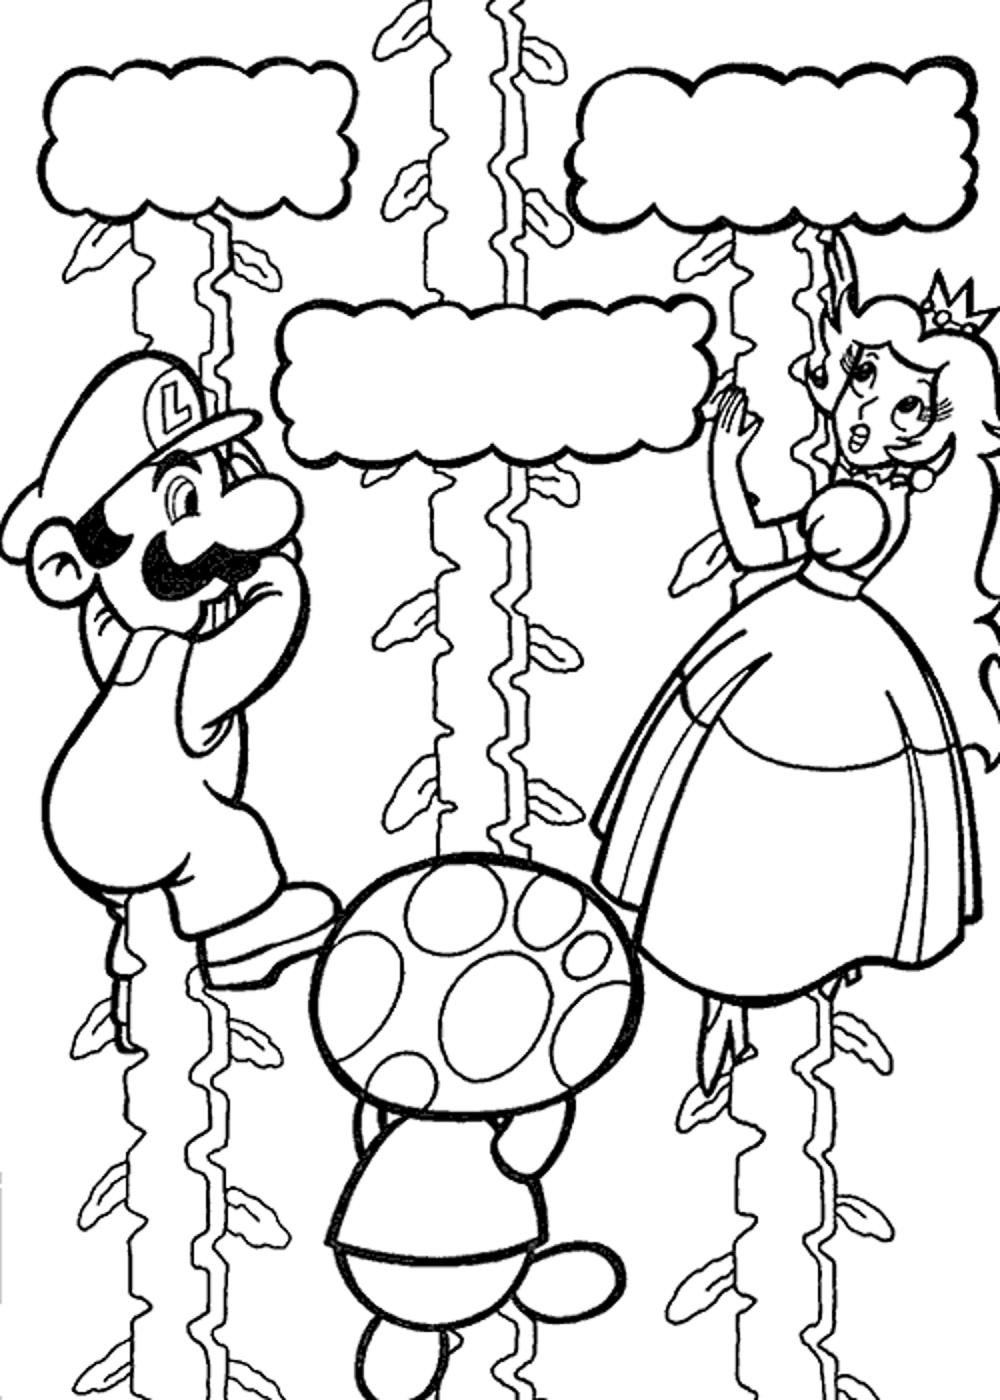 Mario Galaxy Coloring Pages Super Mario Galaxy Coloring Pages In 2020 Super Mario Coloring Pages Mario Coloring Pages Princess Coloring Pages